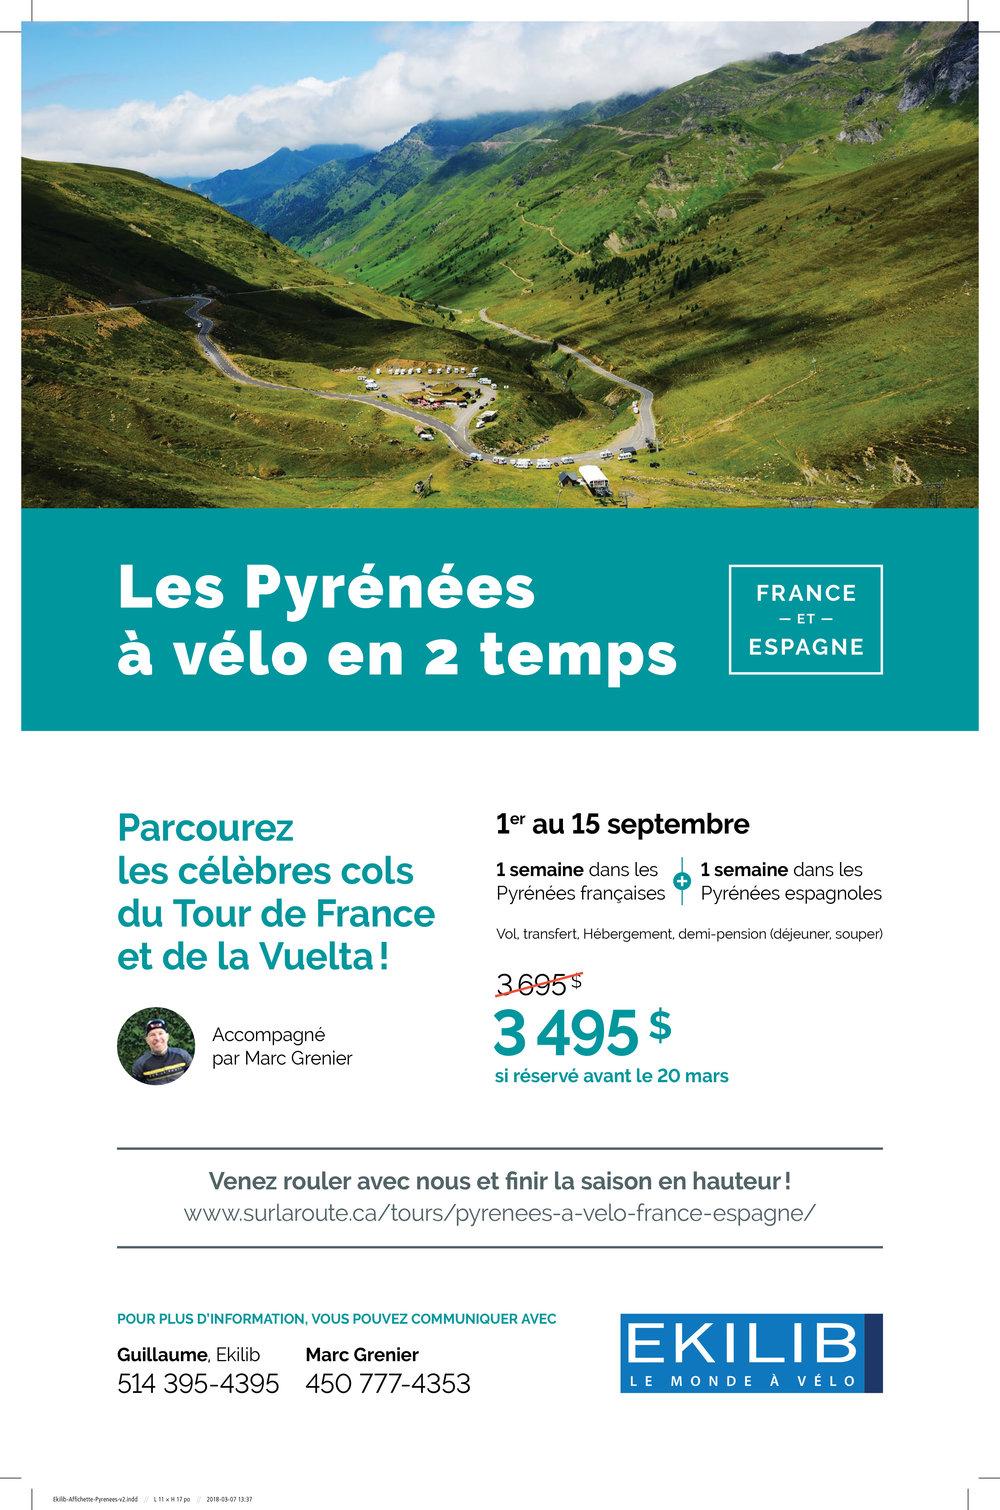 Ekilib-Affichette-Pyrenees-v2.jpg